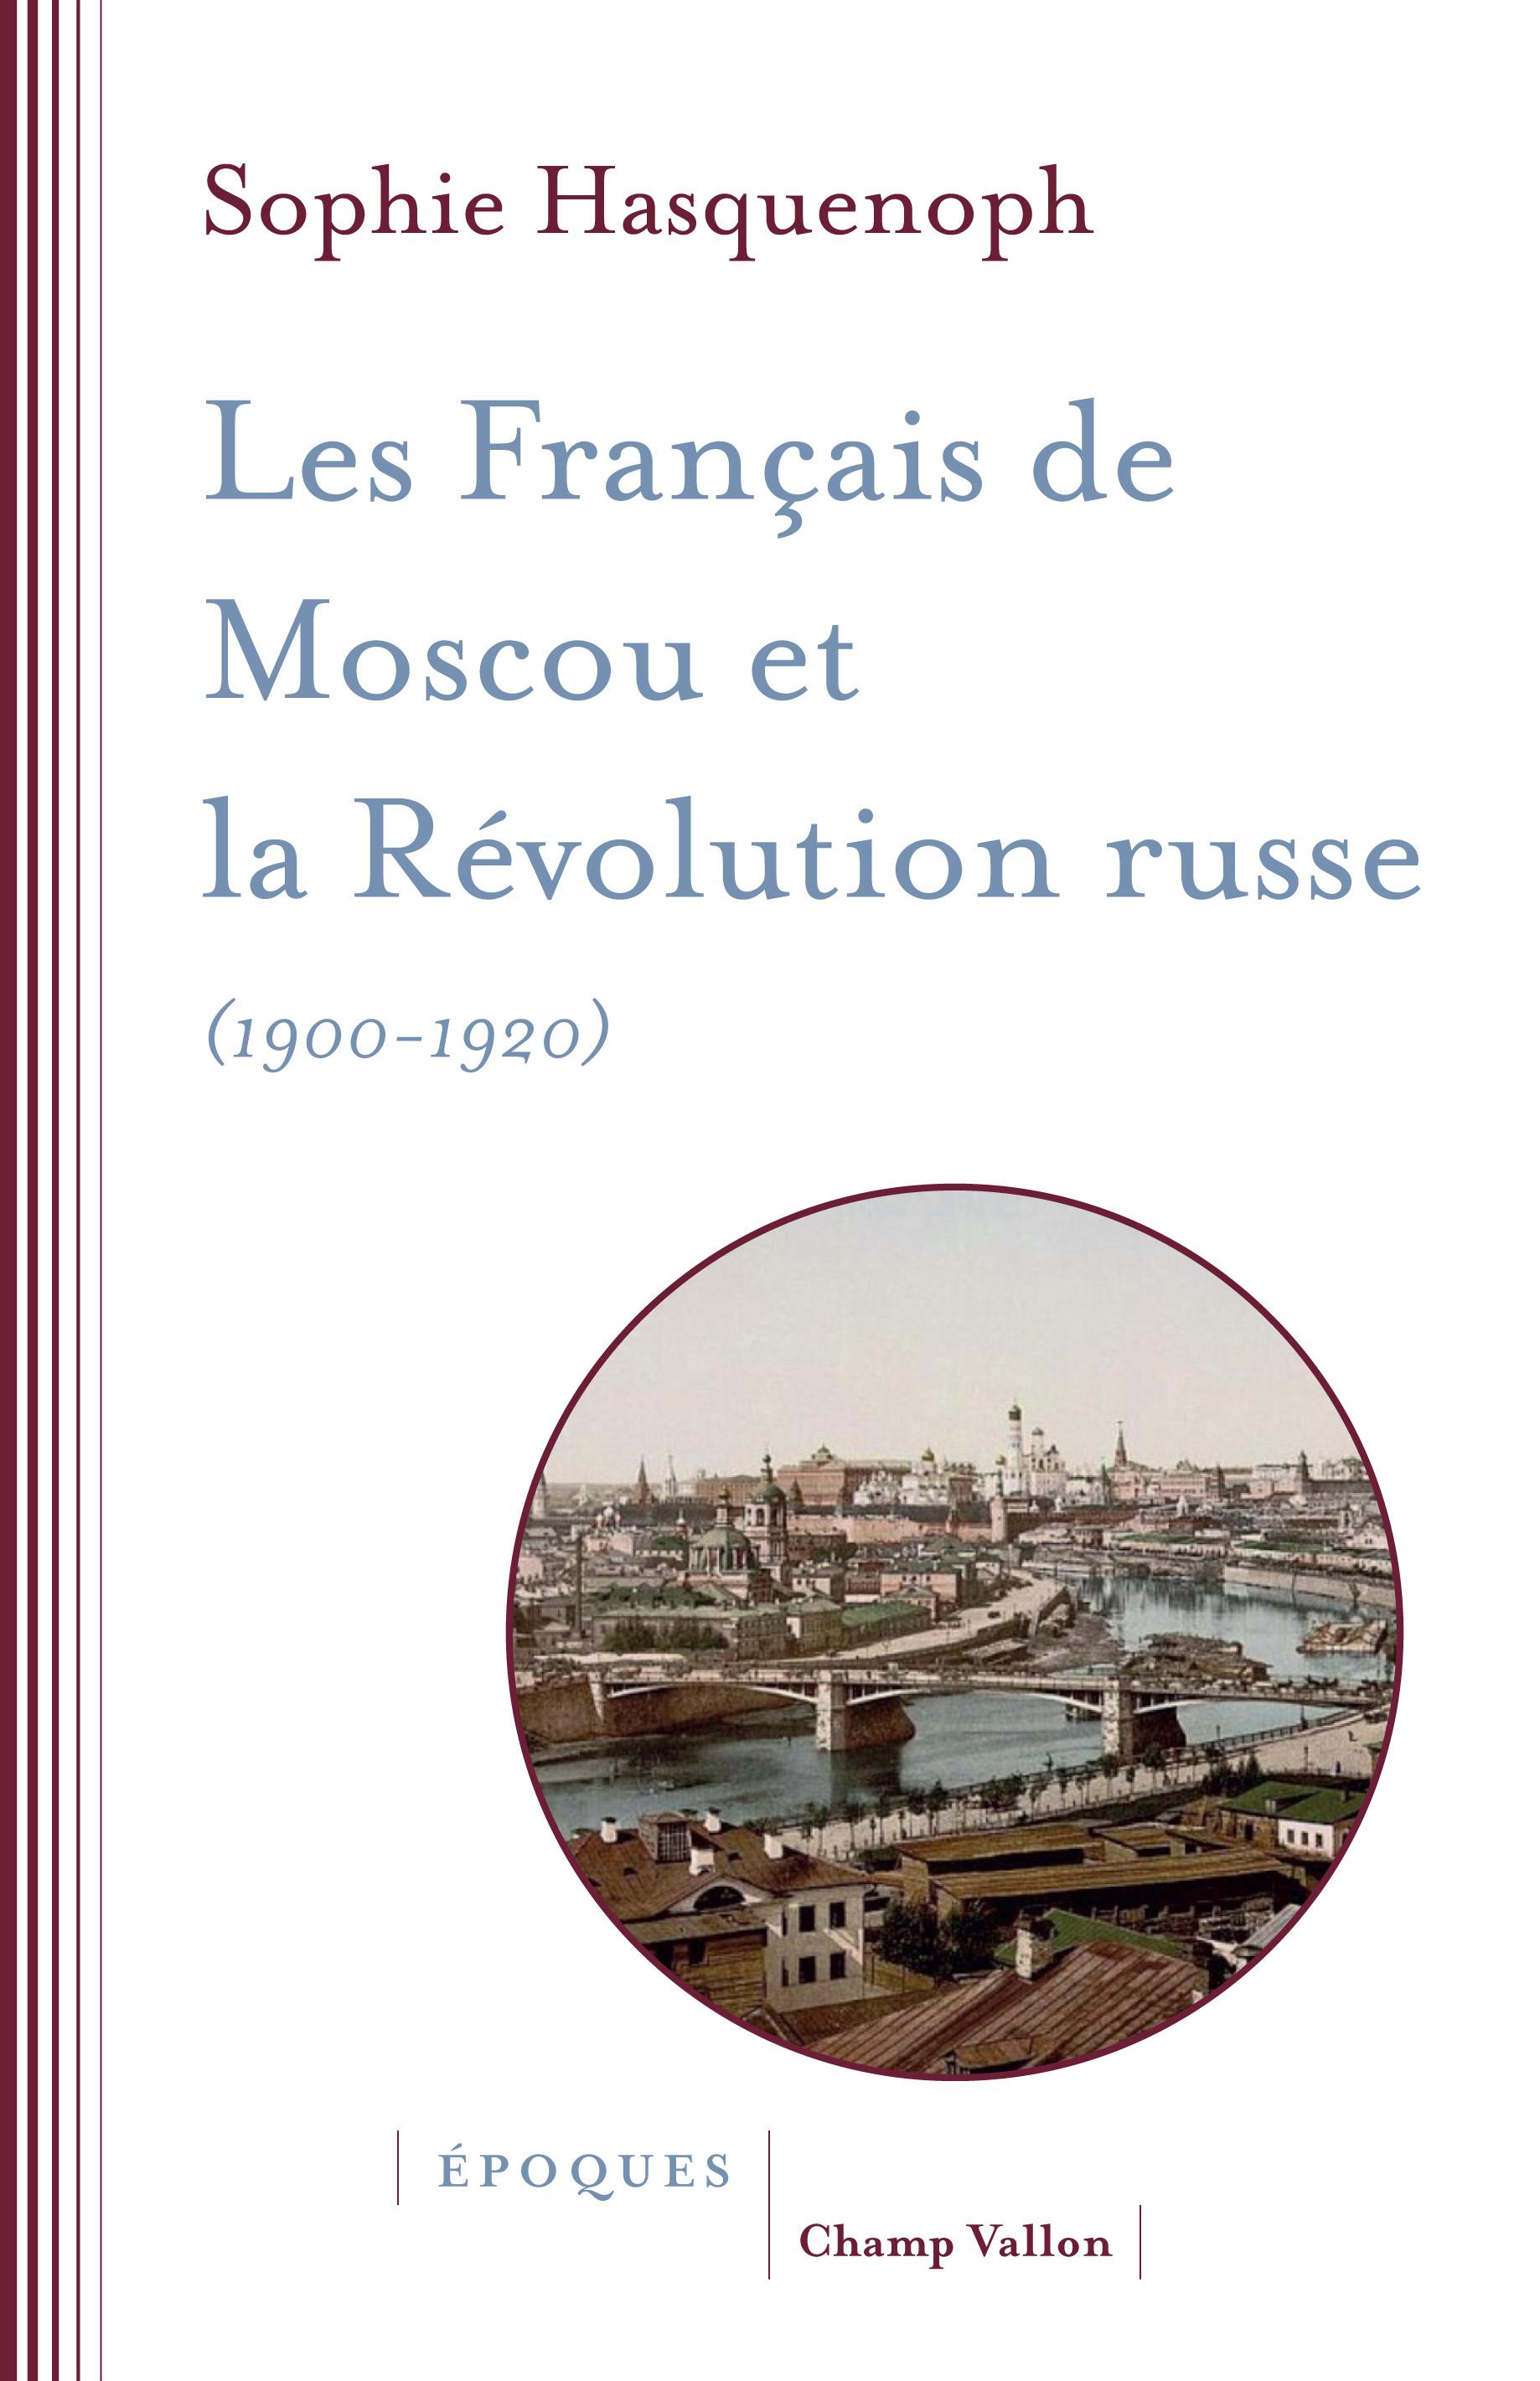 Les français de Moscou